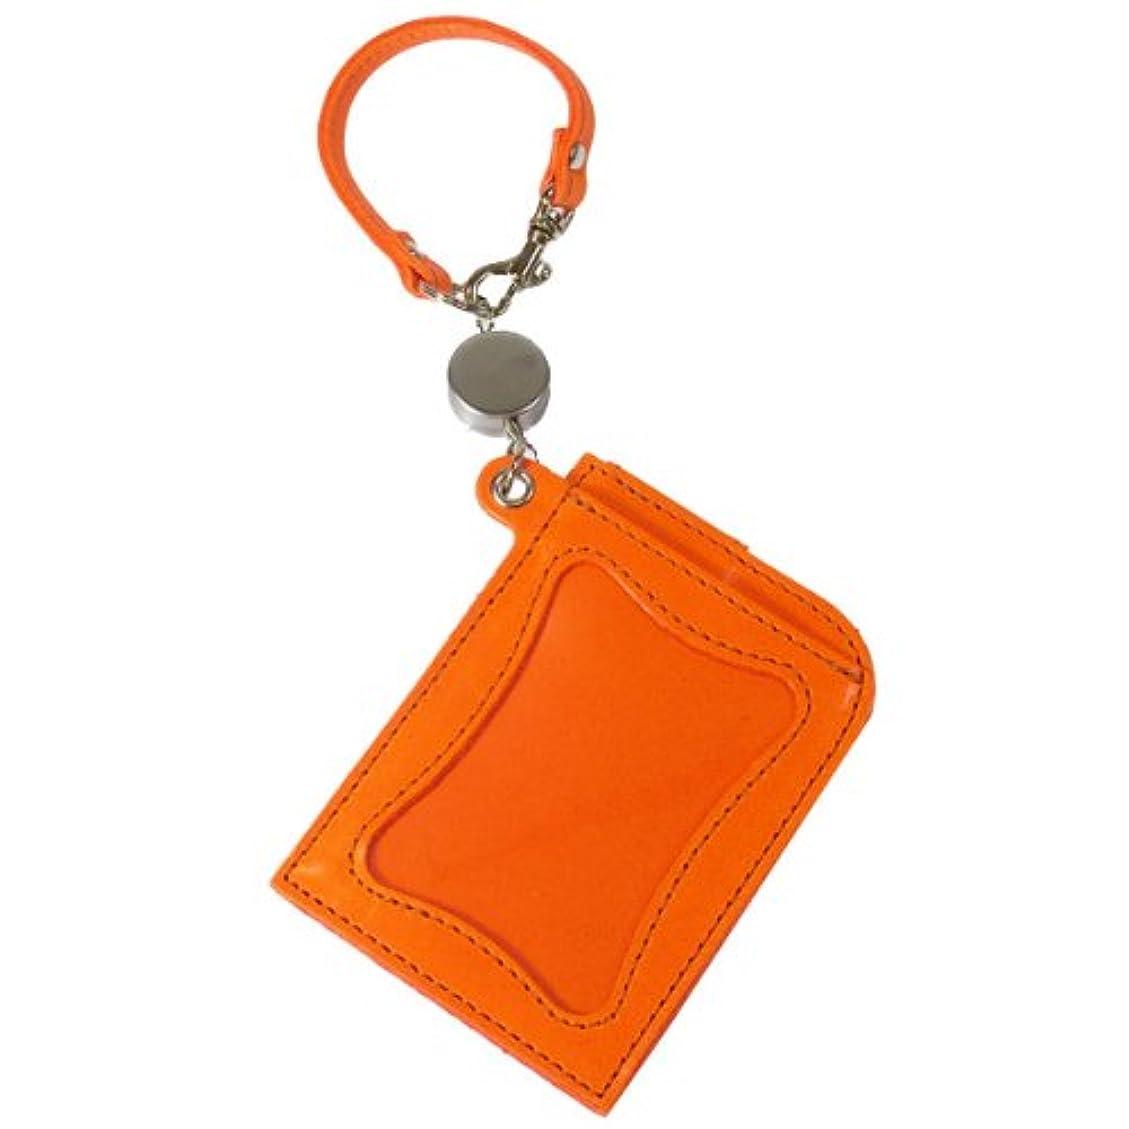 爬虫類納税者アジリティ ブライドルレザーシーク パスケース Agility 便利なリールコード付き IC定期券対応パスケースパスケース リール 牛革 ビビッドカラー 日本製 オレンジ